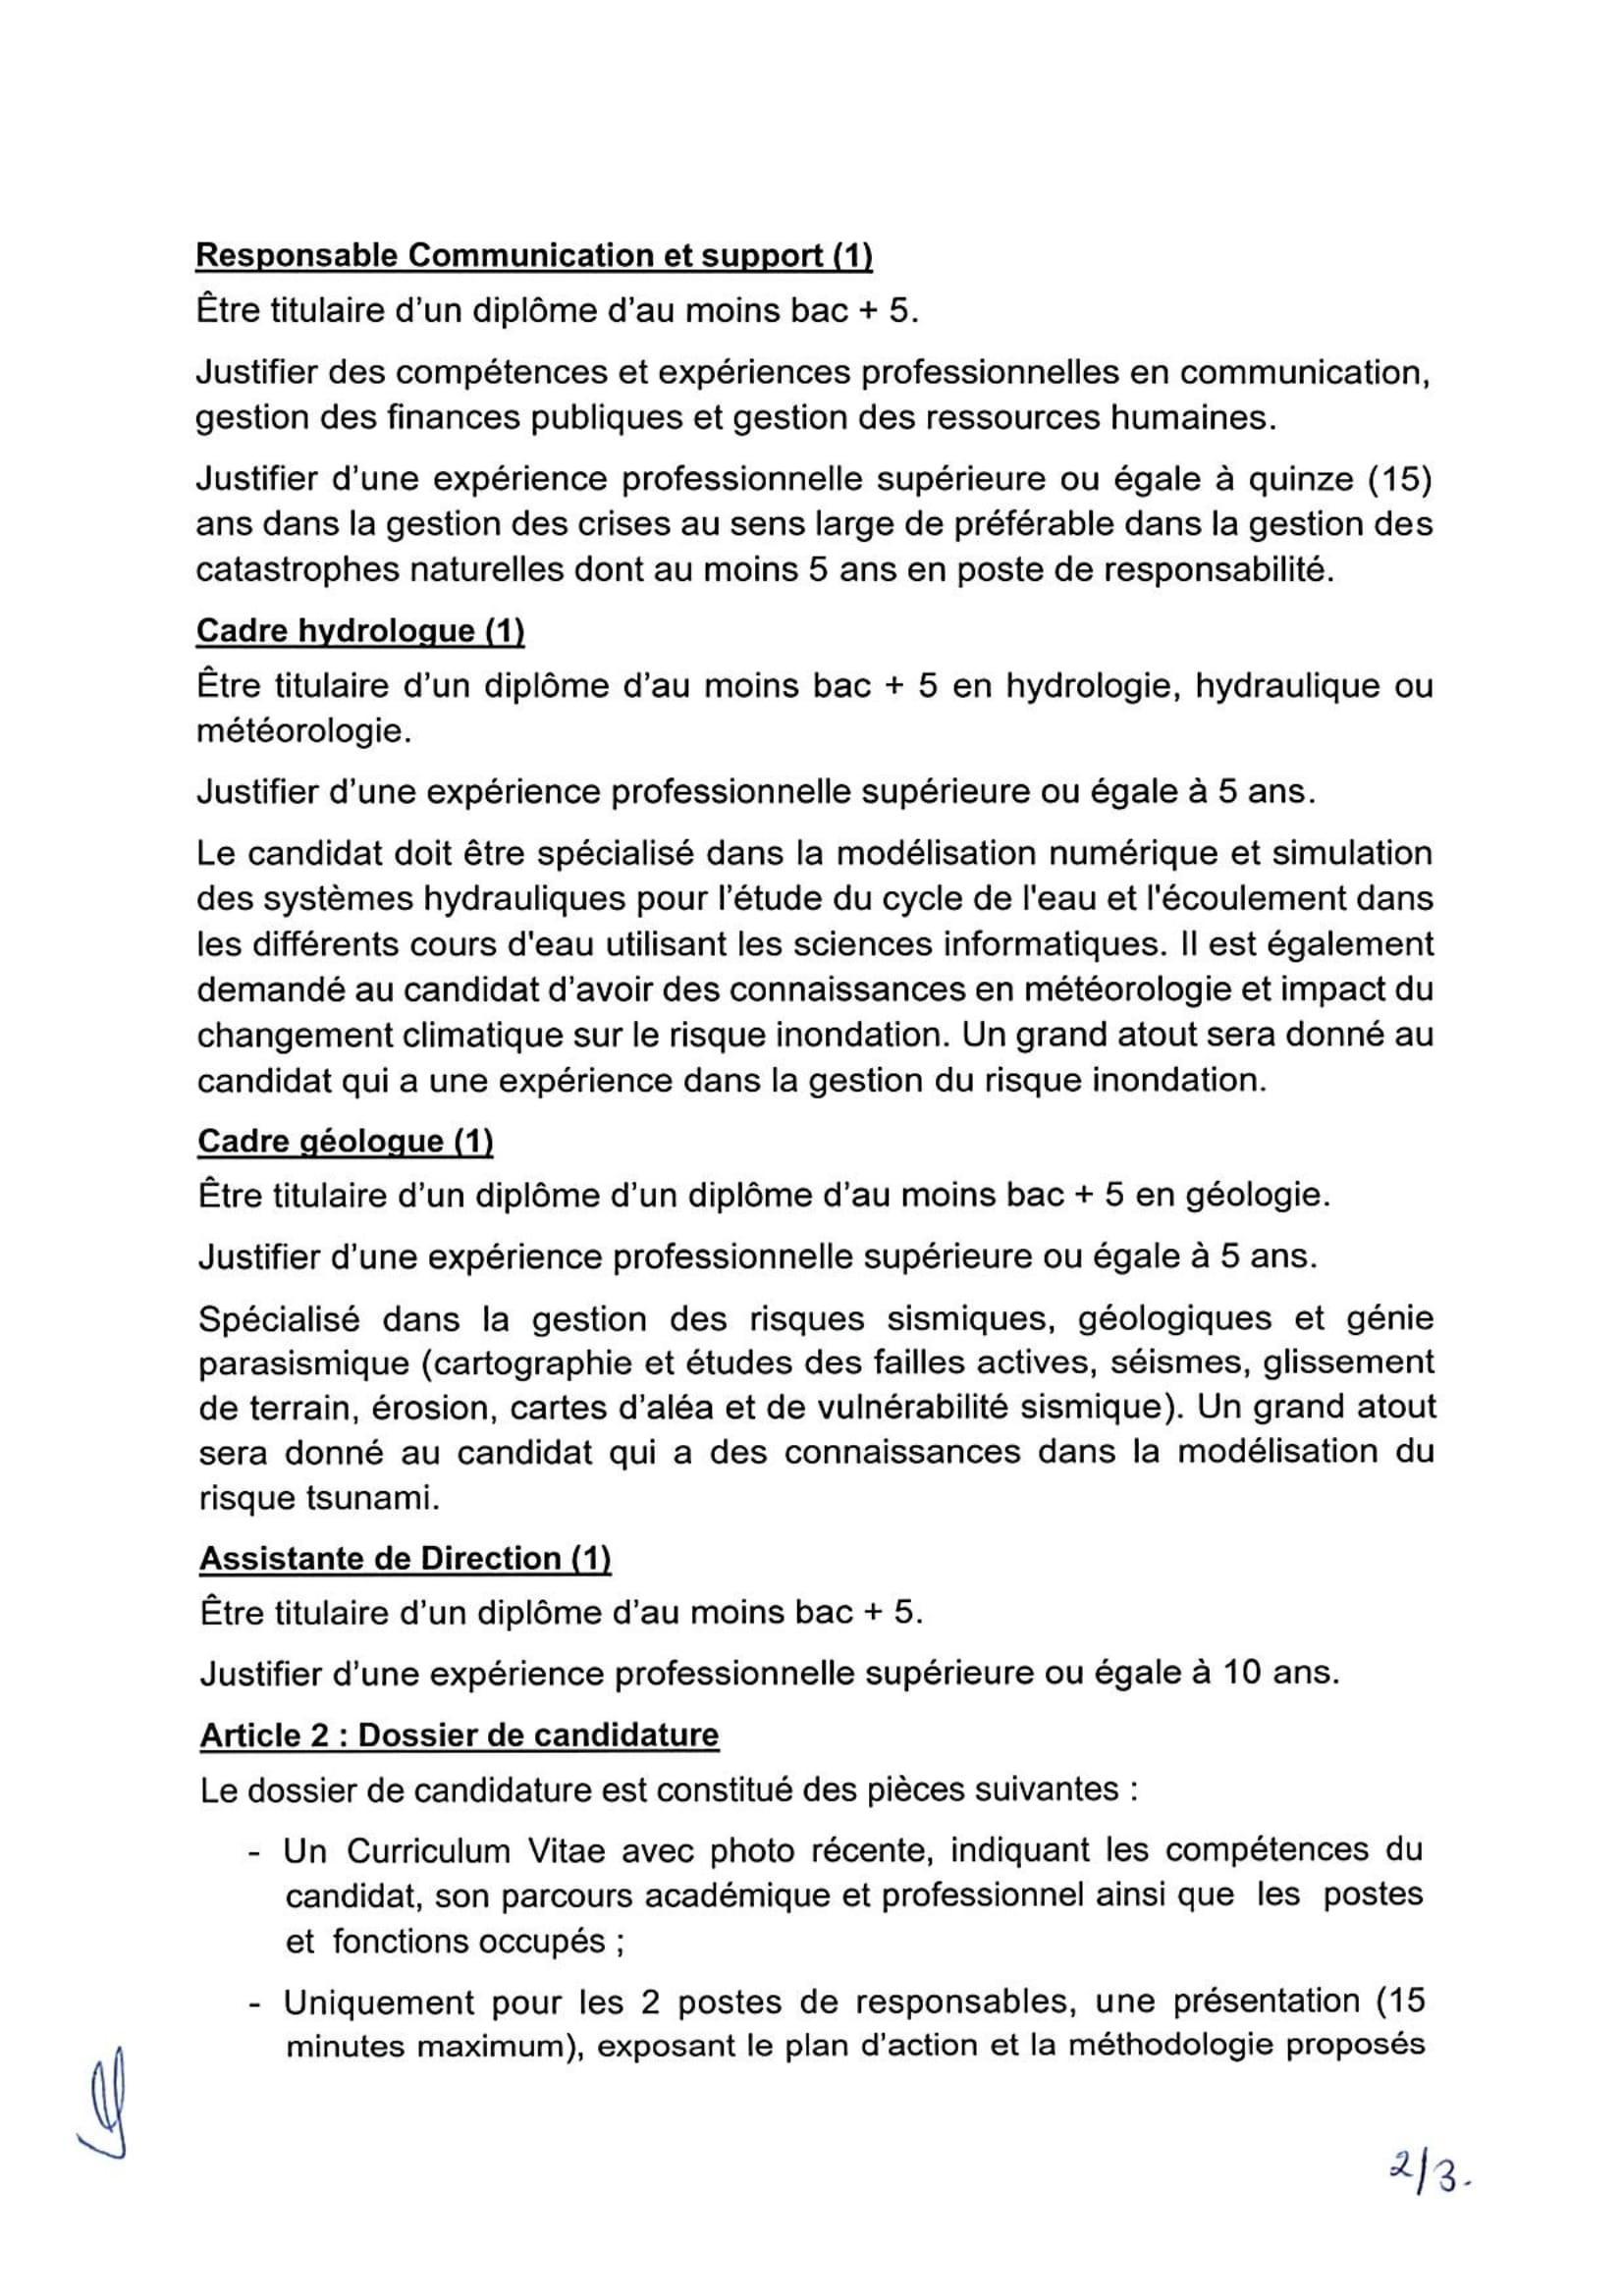 FSEC Decision Rectuement20212 2 Concours Fonds de Solidarité contre les Evénements Catastrophiques 2021 (5 Postes)